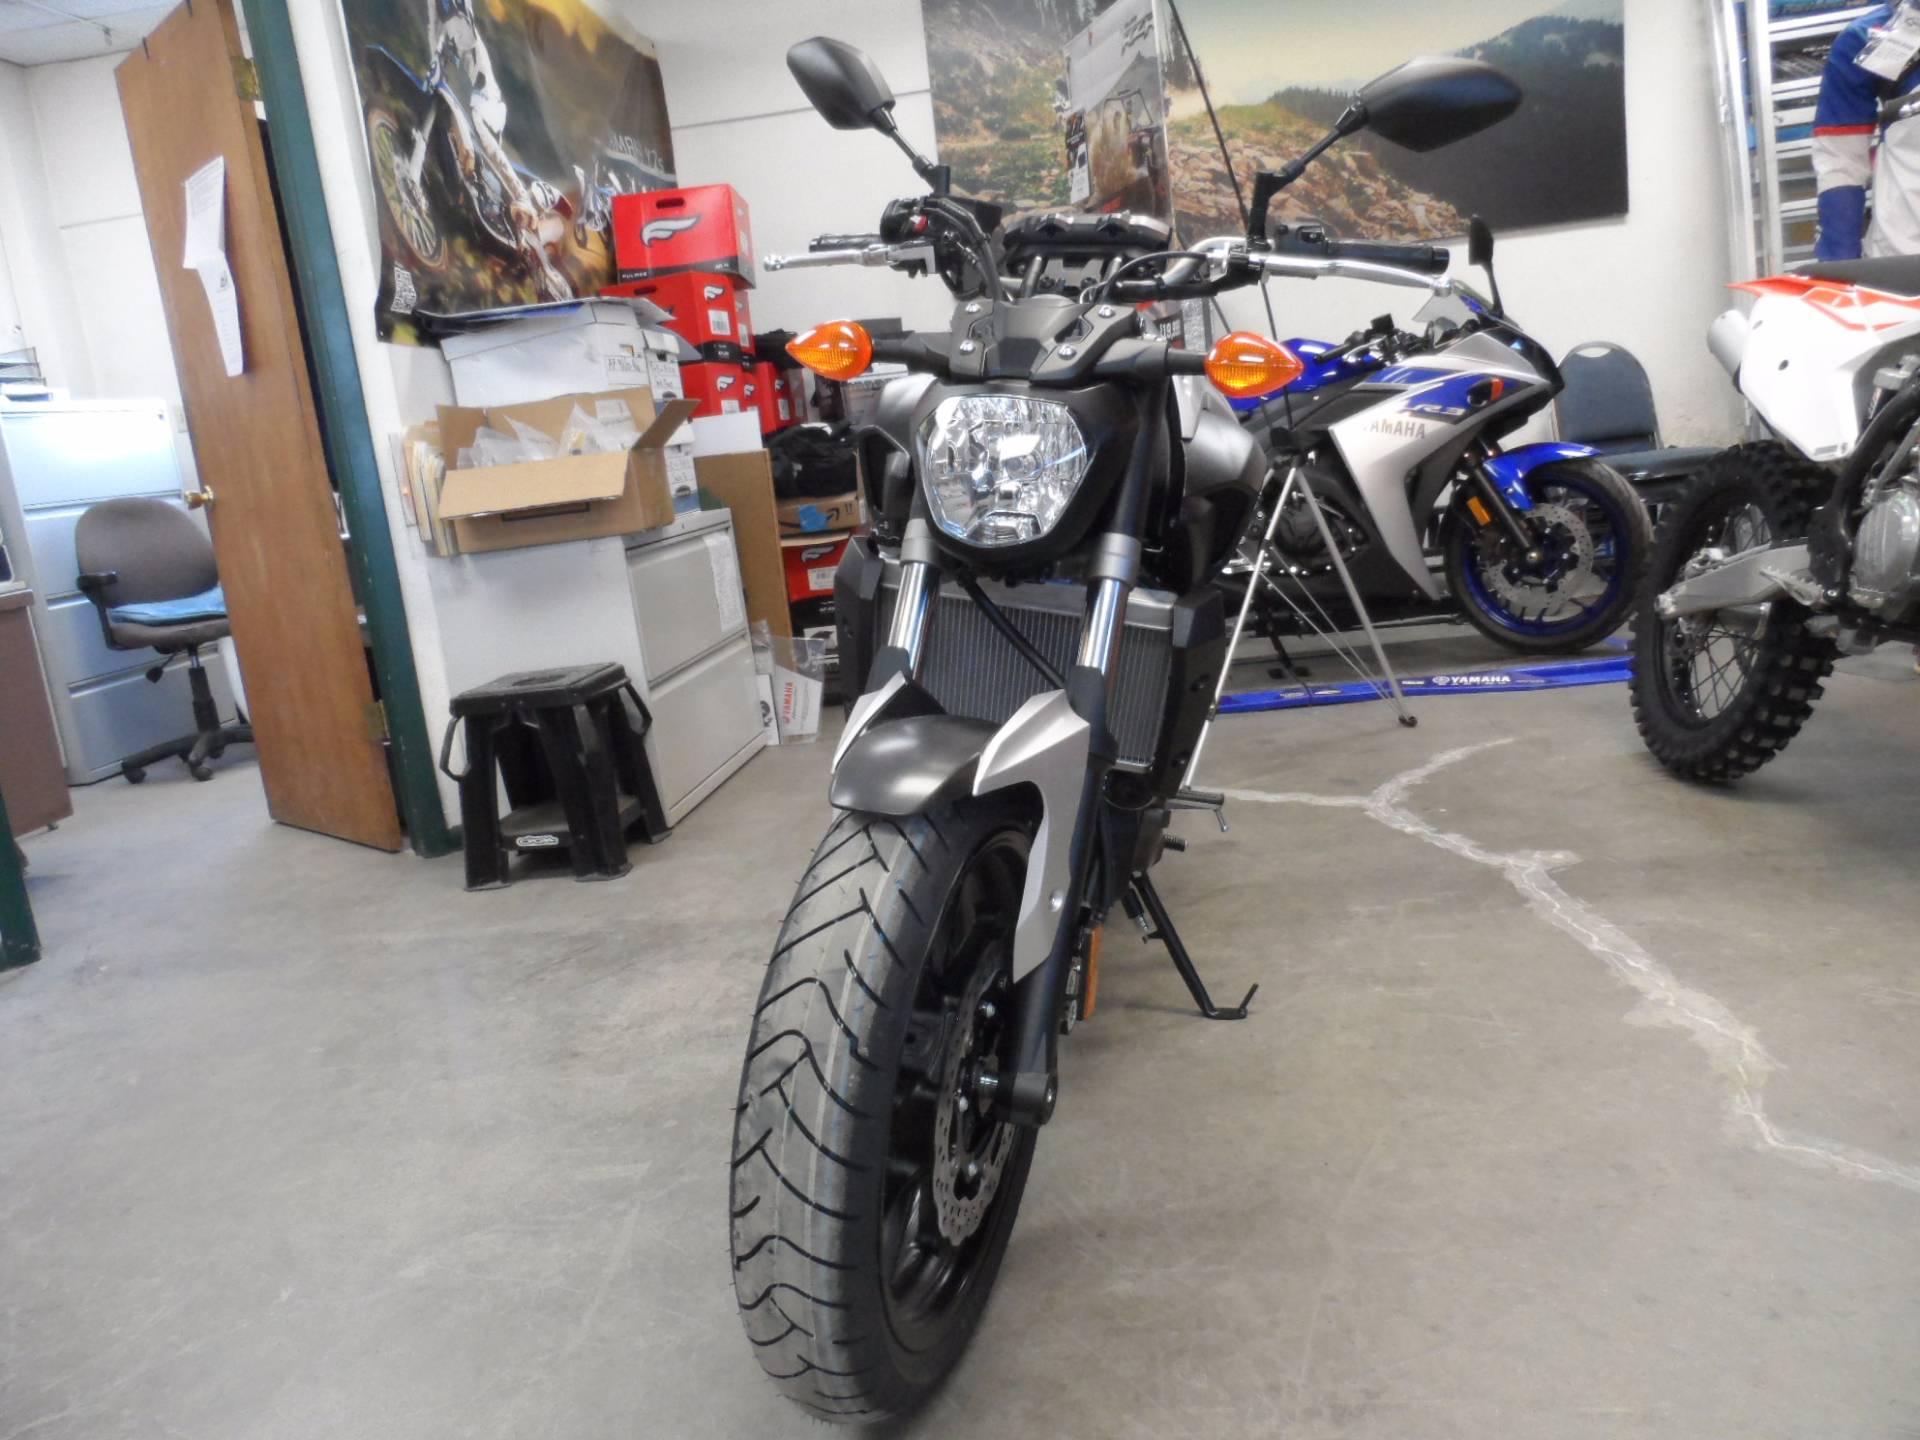 2017 Yamaha FZ-07 5